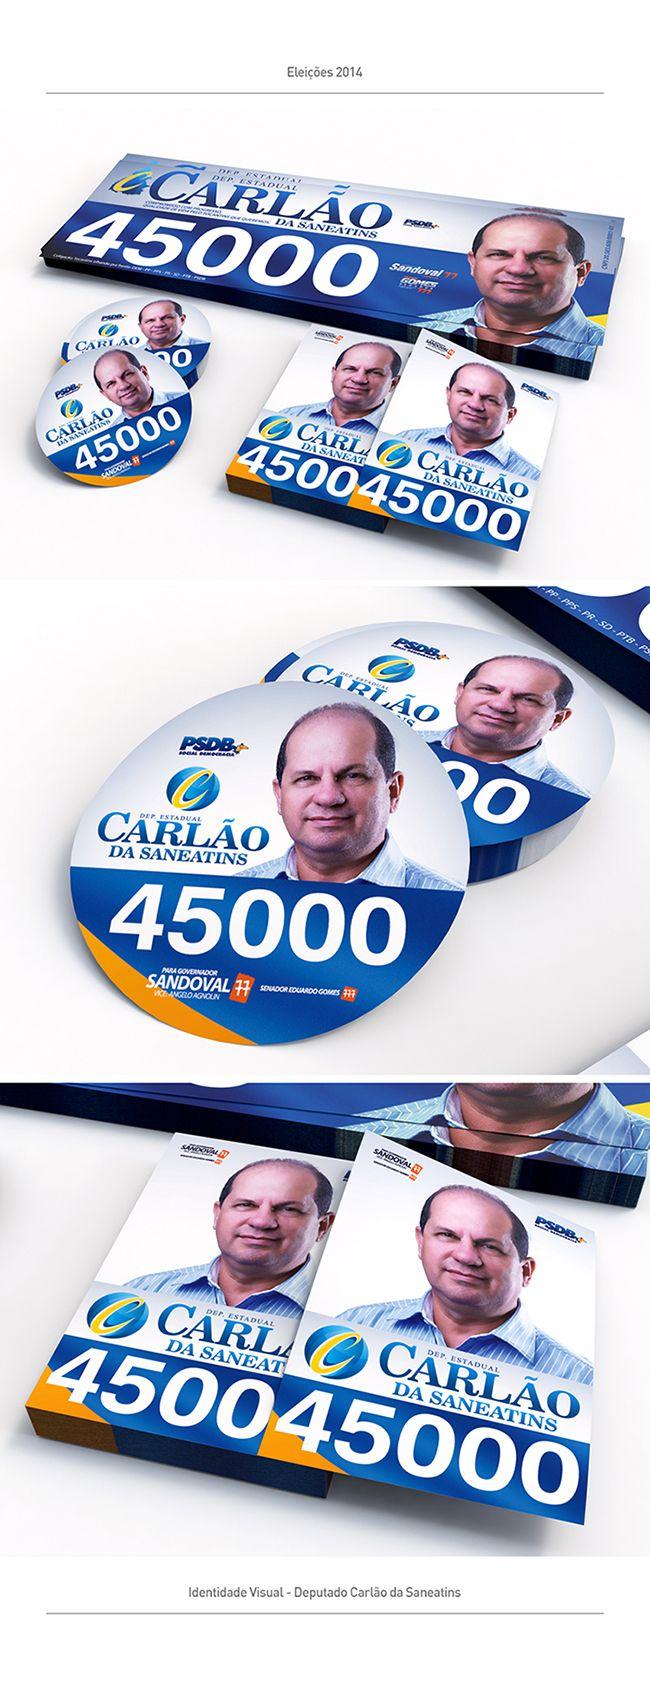 Algumas identidades visuais para campanha política no ano de 2014 em Palmas, Tocantins.